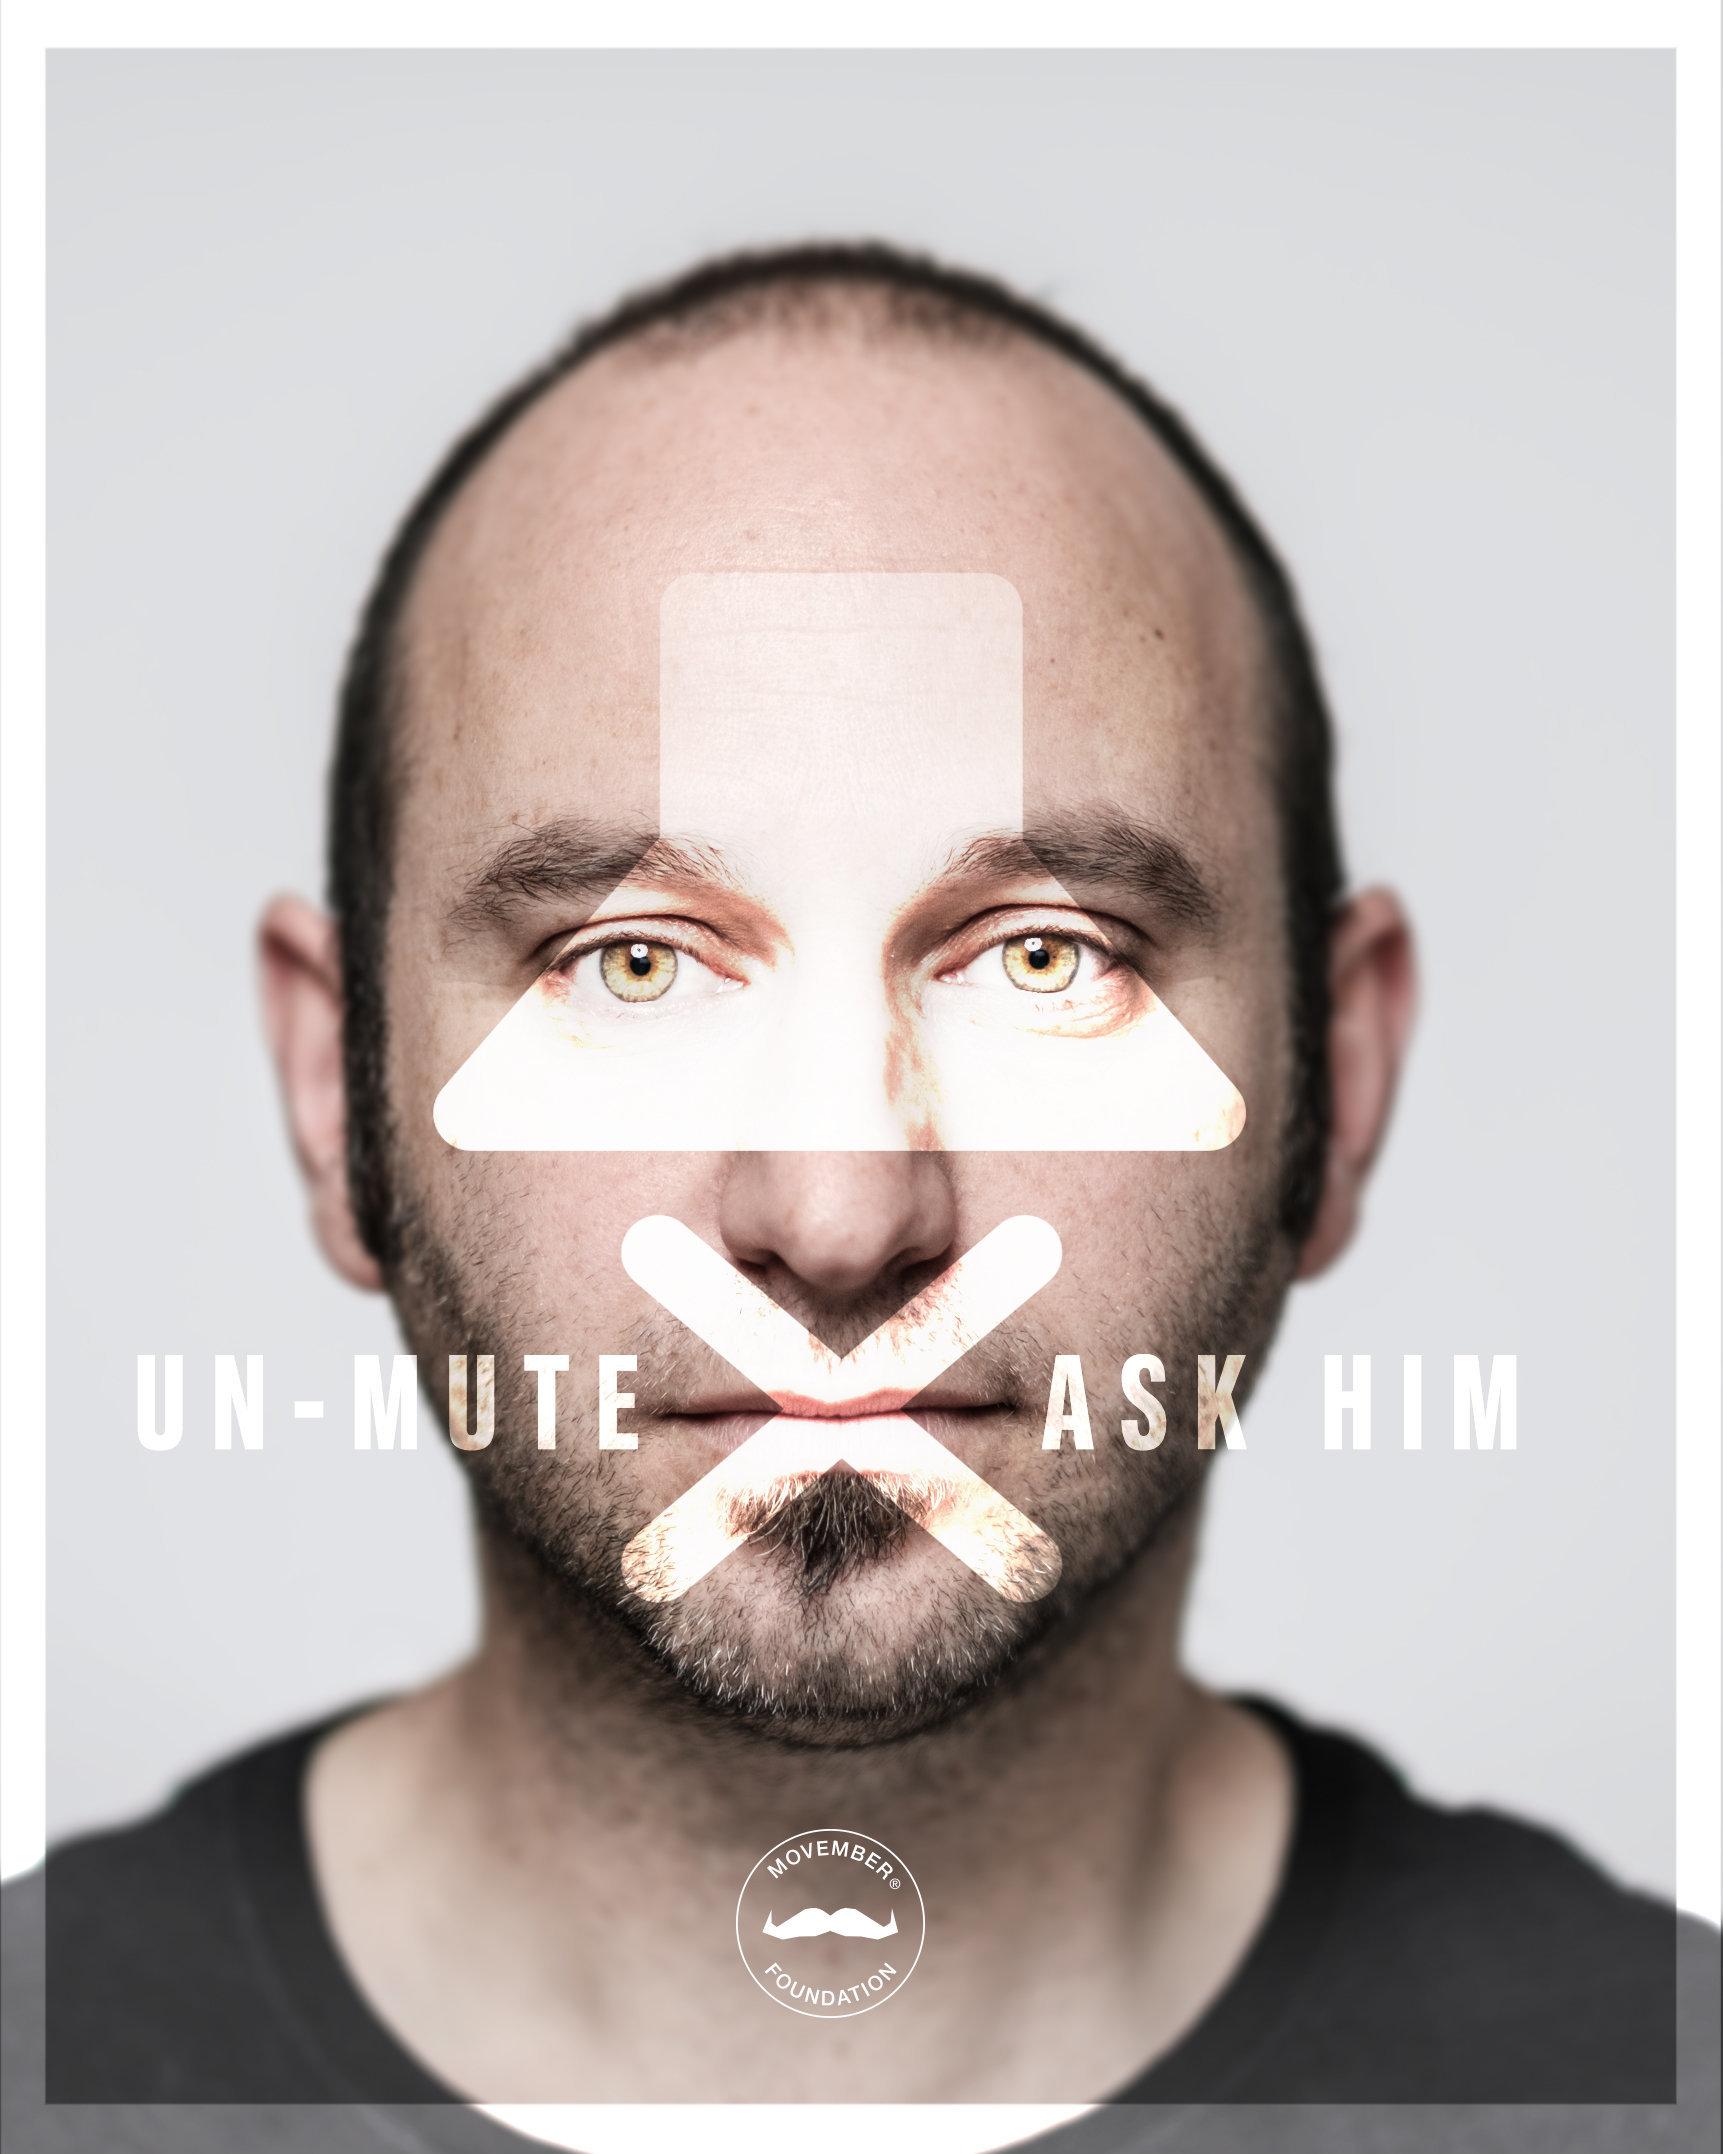 Suicide Prevention Campaign Encourages Public To 'Unmute' Conversations About Men's Mental